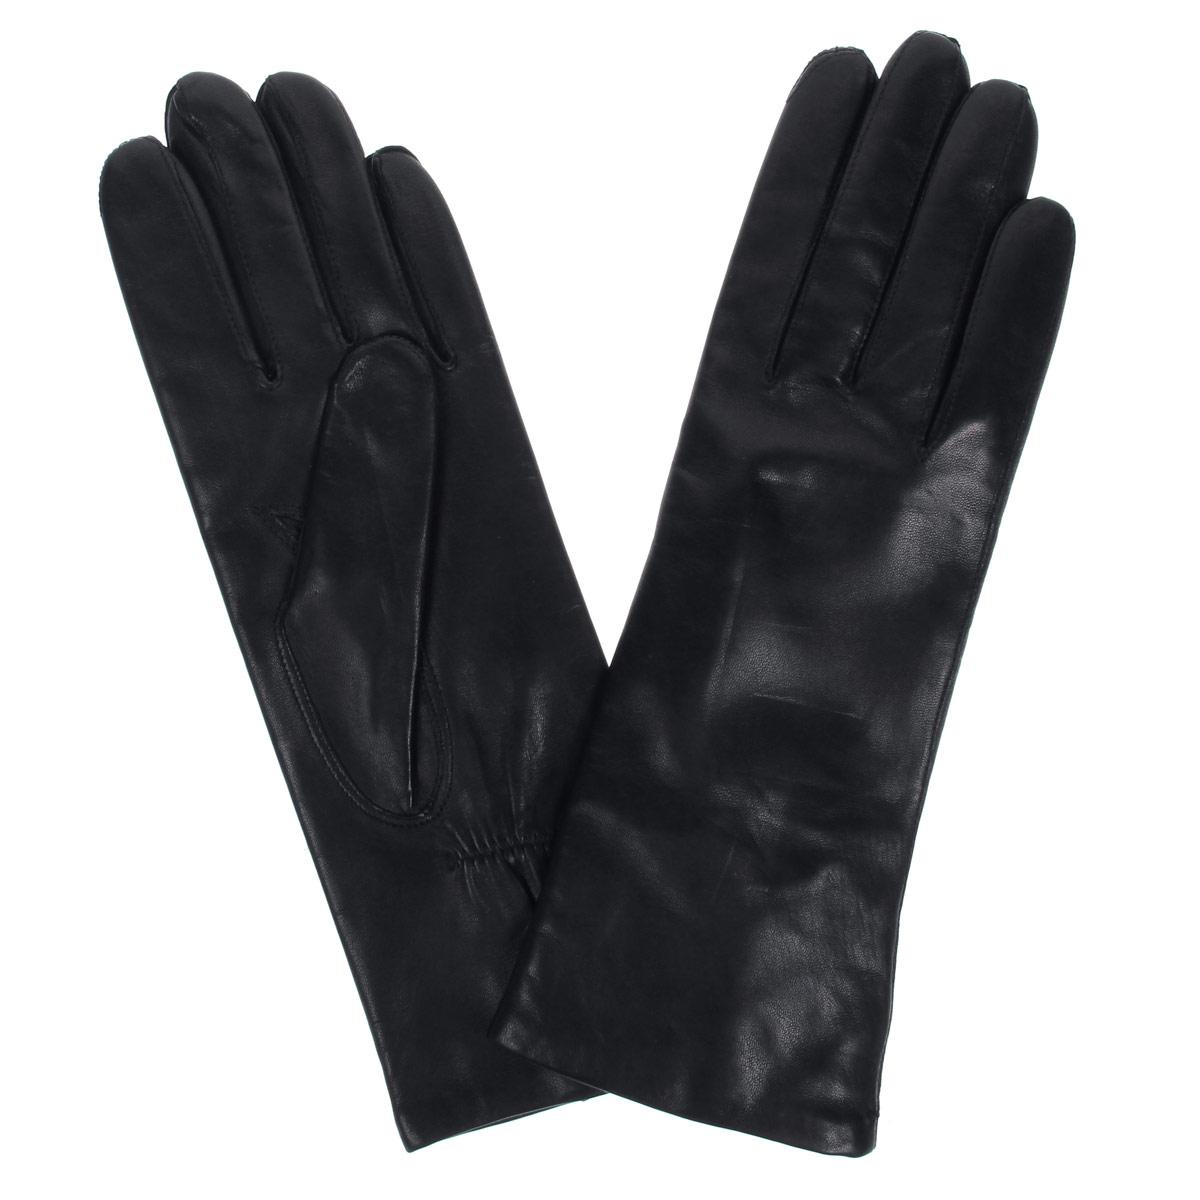 ПерчаткиDF12-231-rСтильные женские перчатки Bartoc не только защитят ваши руки от холода, но и станут великолепным украшением. Они выполнены из мягкой и приятной на ощупь натуральной кожи ягненка, подкладка - из шерсти. На тыльной стороне перчатки присборены на небольшие резиночки для лучшего прилегания к запястью. Перчатки являются неотъемлемой принадлежностью одежды, вместе с этим аксессуаром вы обретаете женственность и элегантность. Они станут завершающим и подчеркивающим элементом вашего неповторимого стиля и индивидуальности.